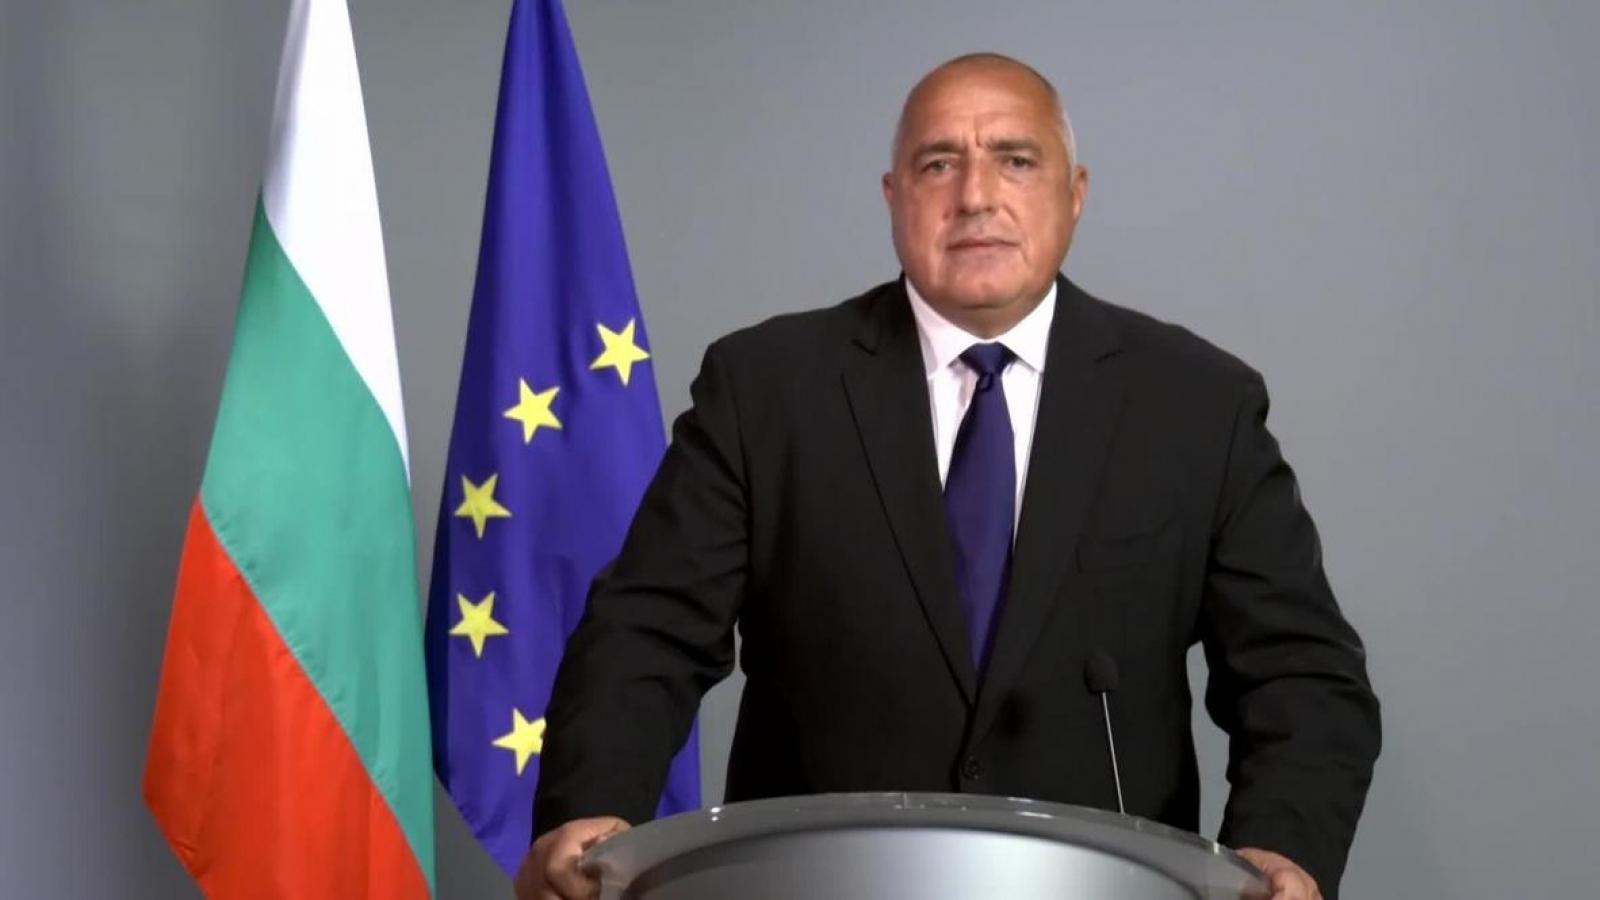 Bầu cử QuốchộiBulgaria: Đảngcầm quyền đã có thể ăn mừng chiến thắng